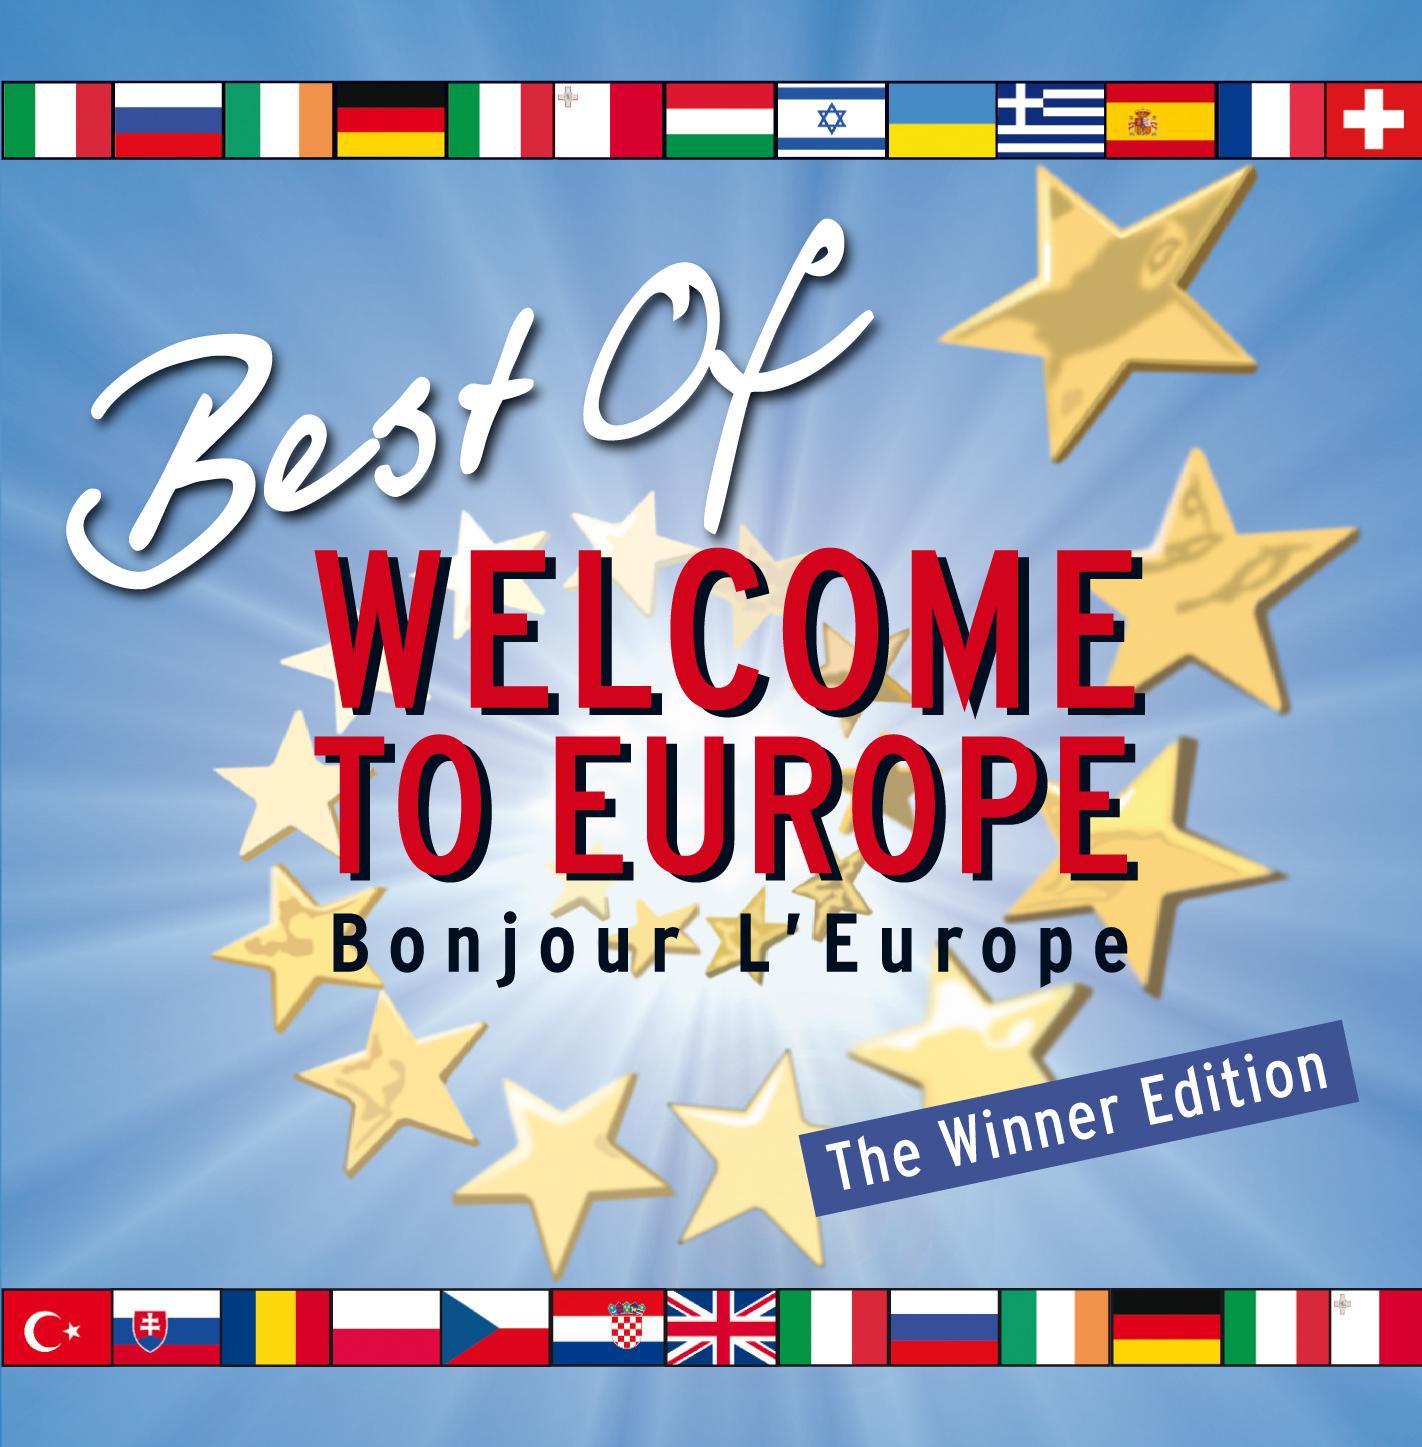 Hörtrip durch Europa: